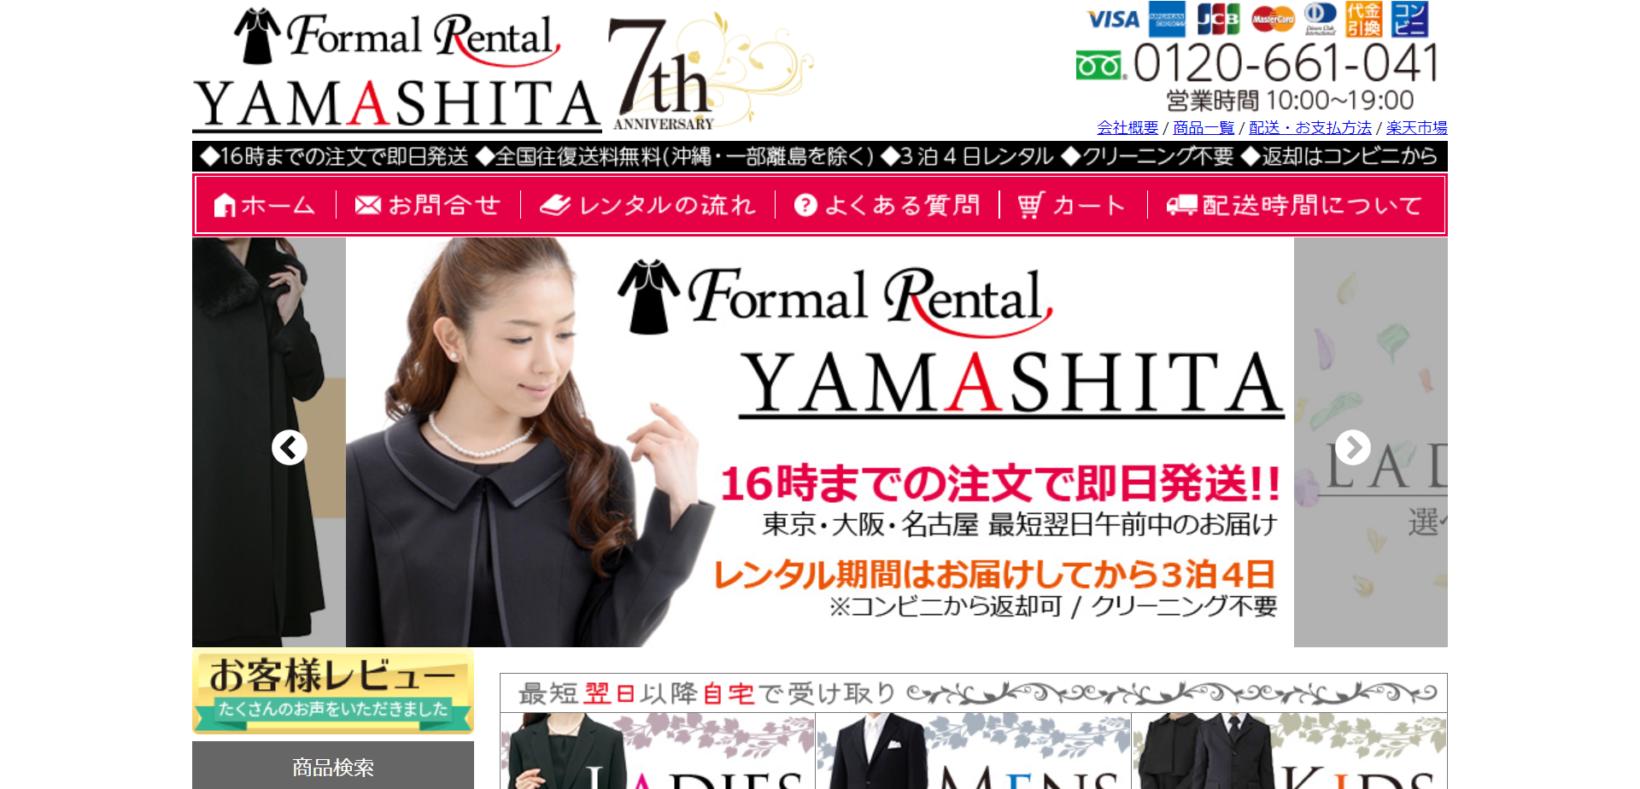 FORMAL RENTAL YAMASHITA